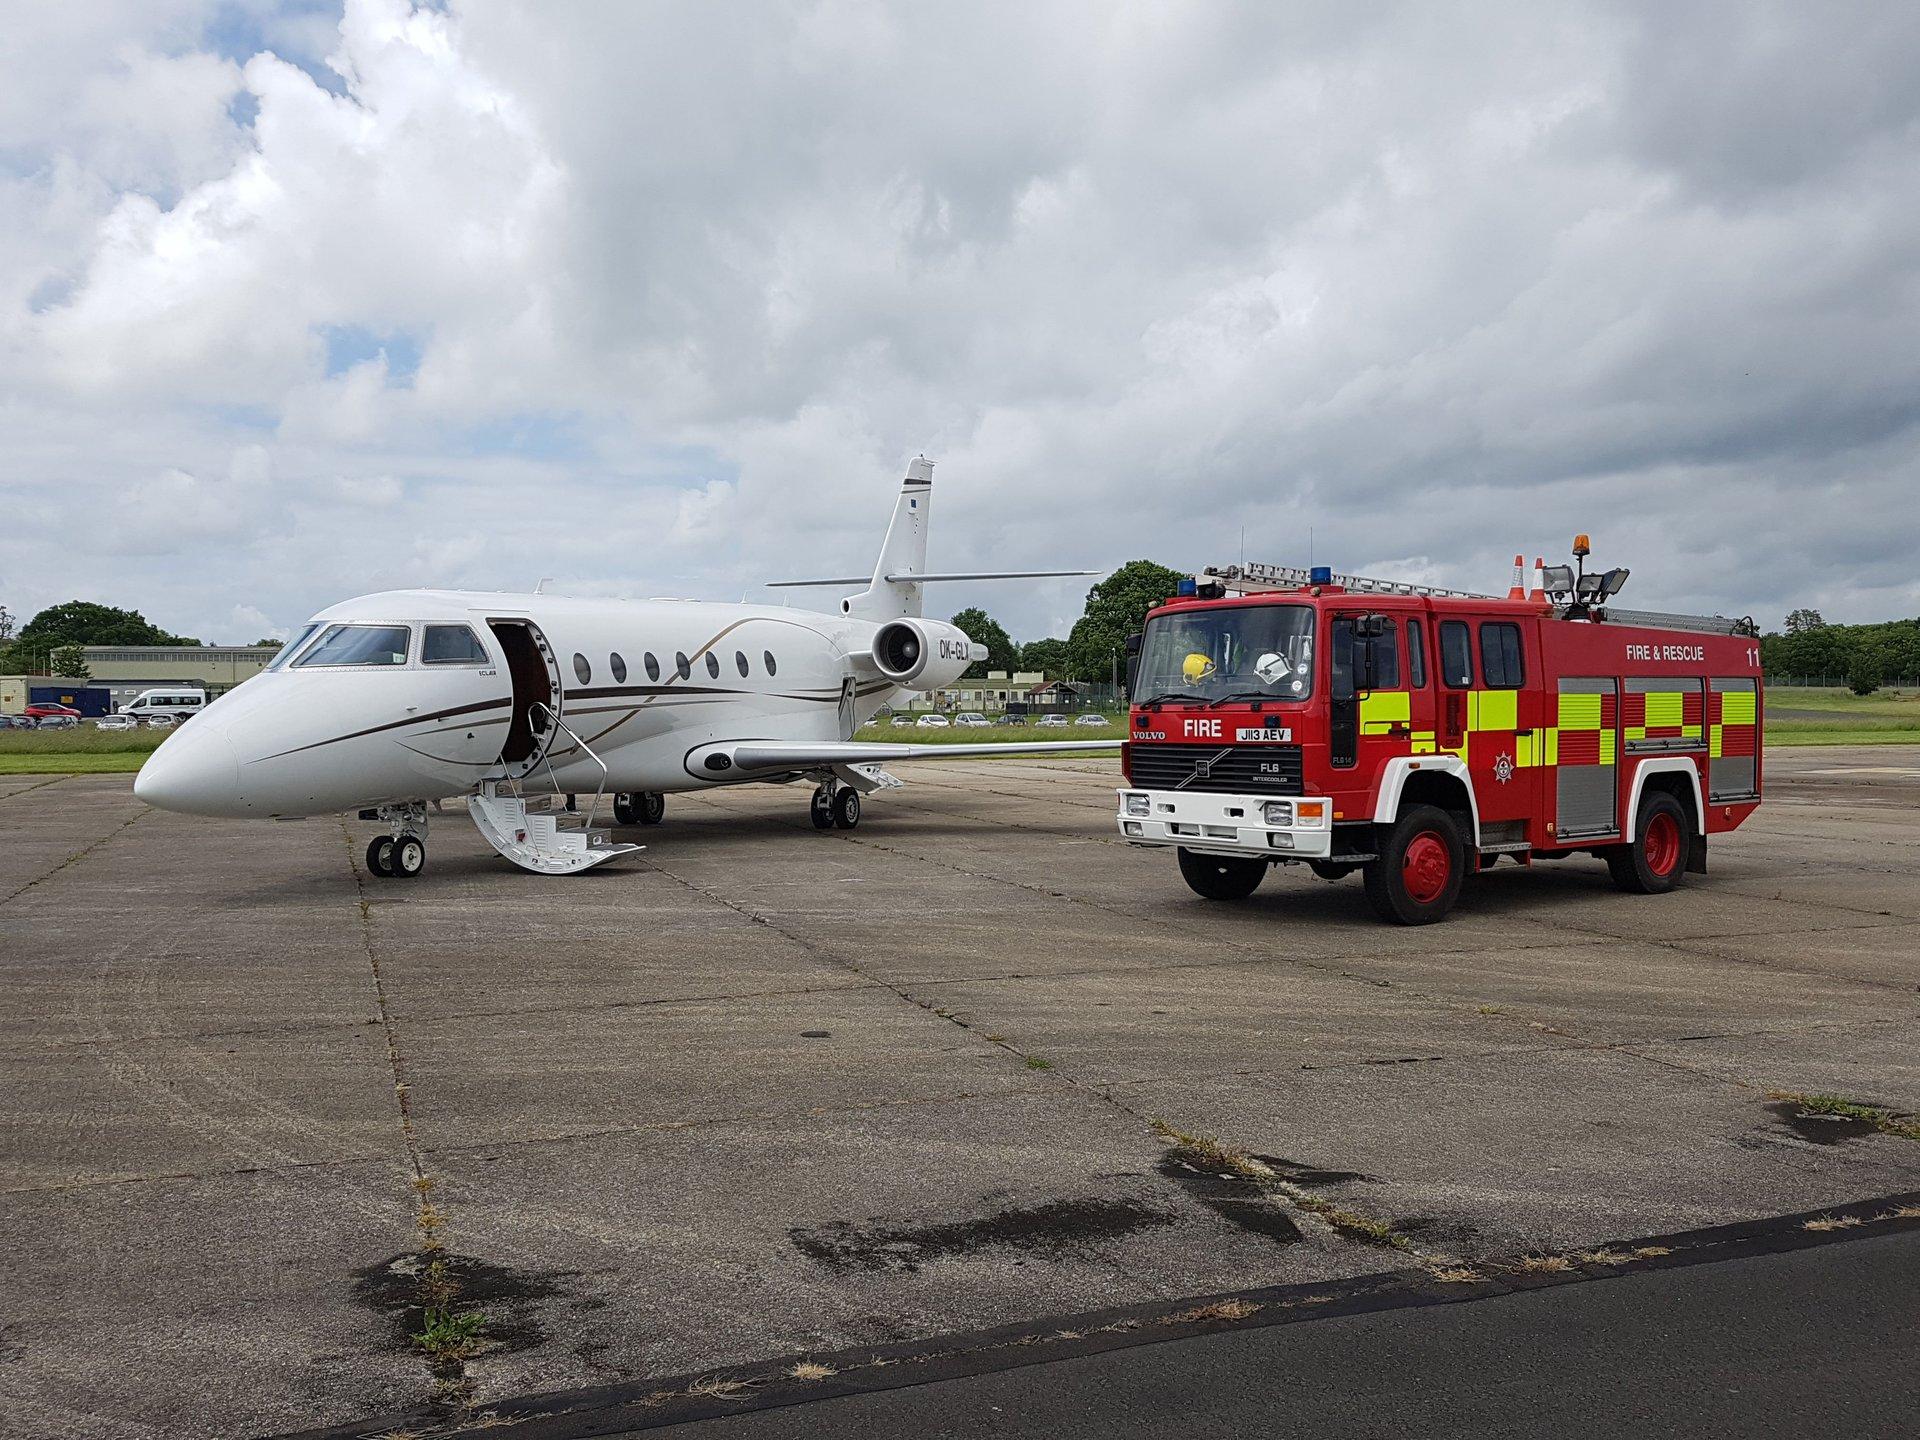 fire cover plane